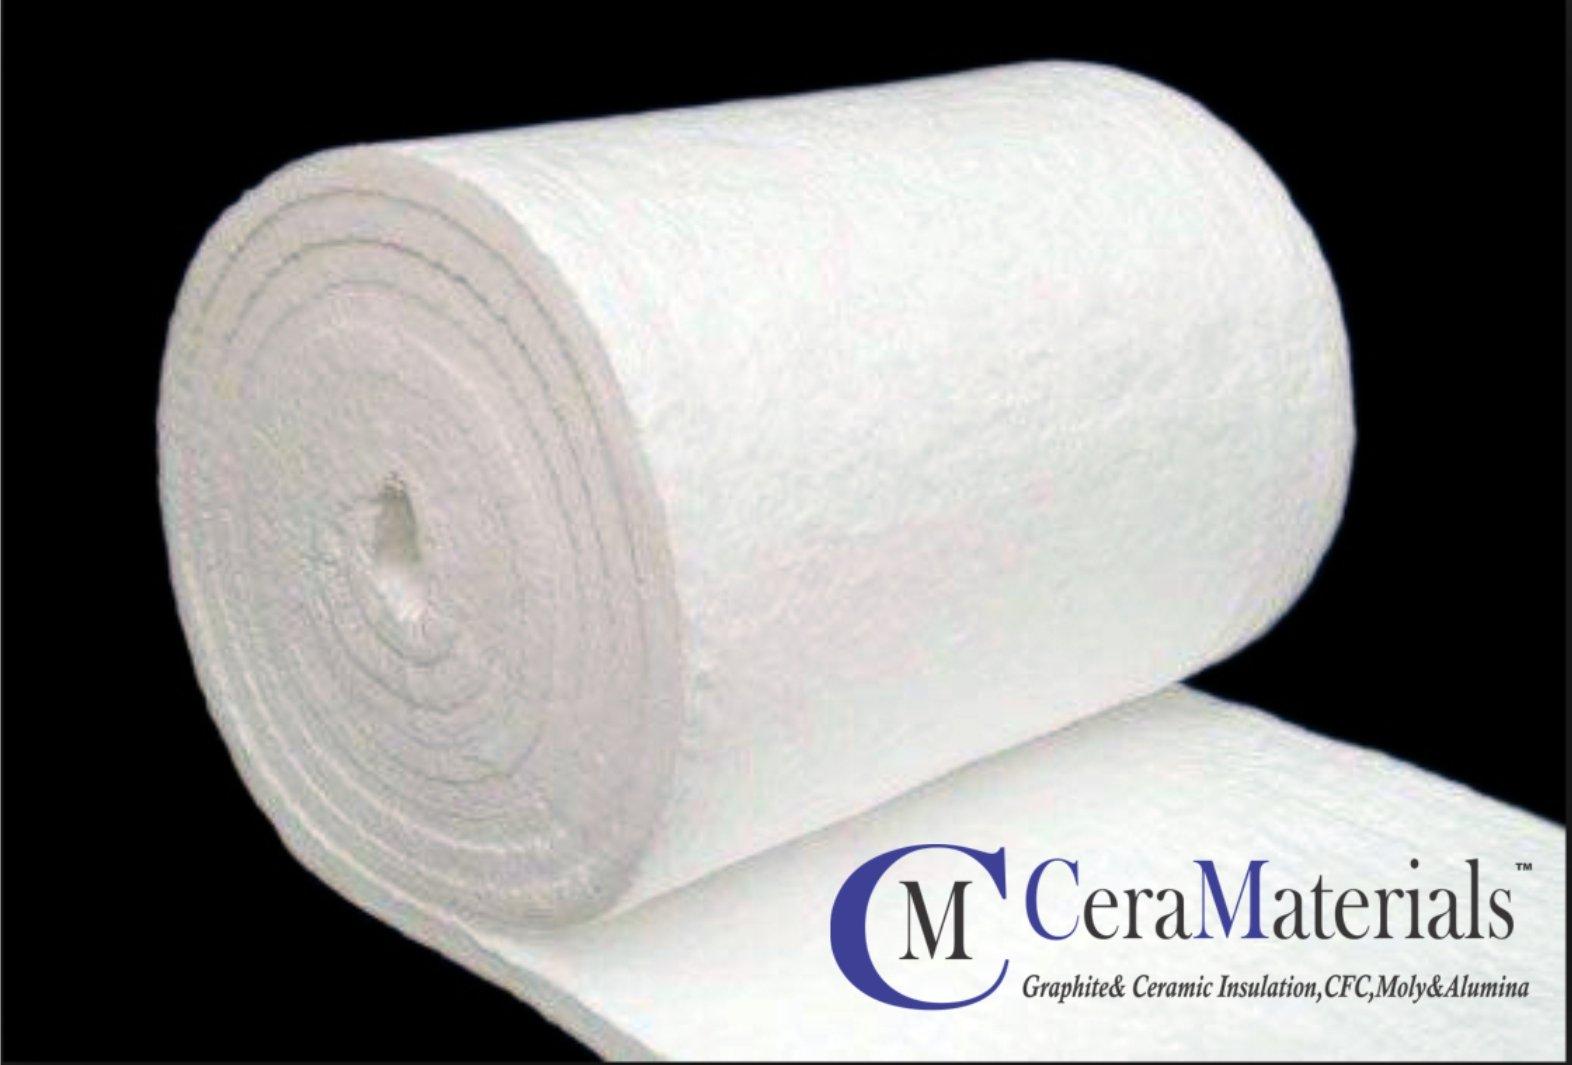 Ceramic Fiber Blanket (8#, 2300F)(1/2''x24''x50') for Kilns, Pizza Ovens, Furnaces, Wood Stoves